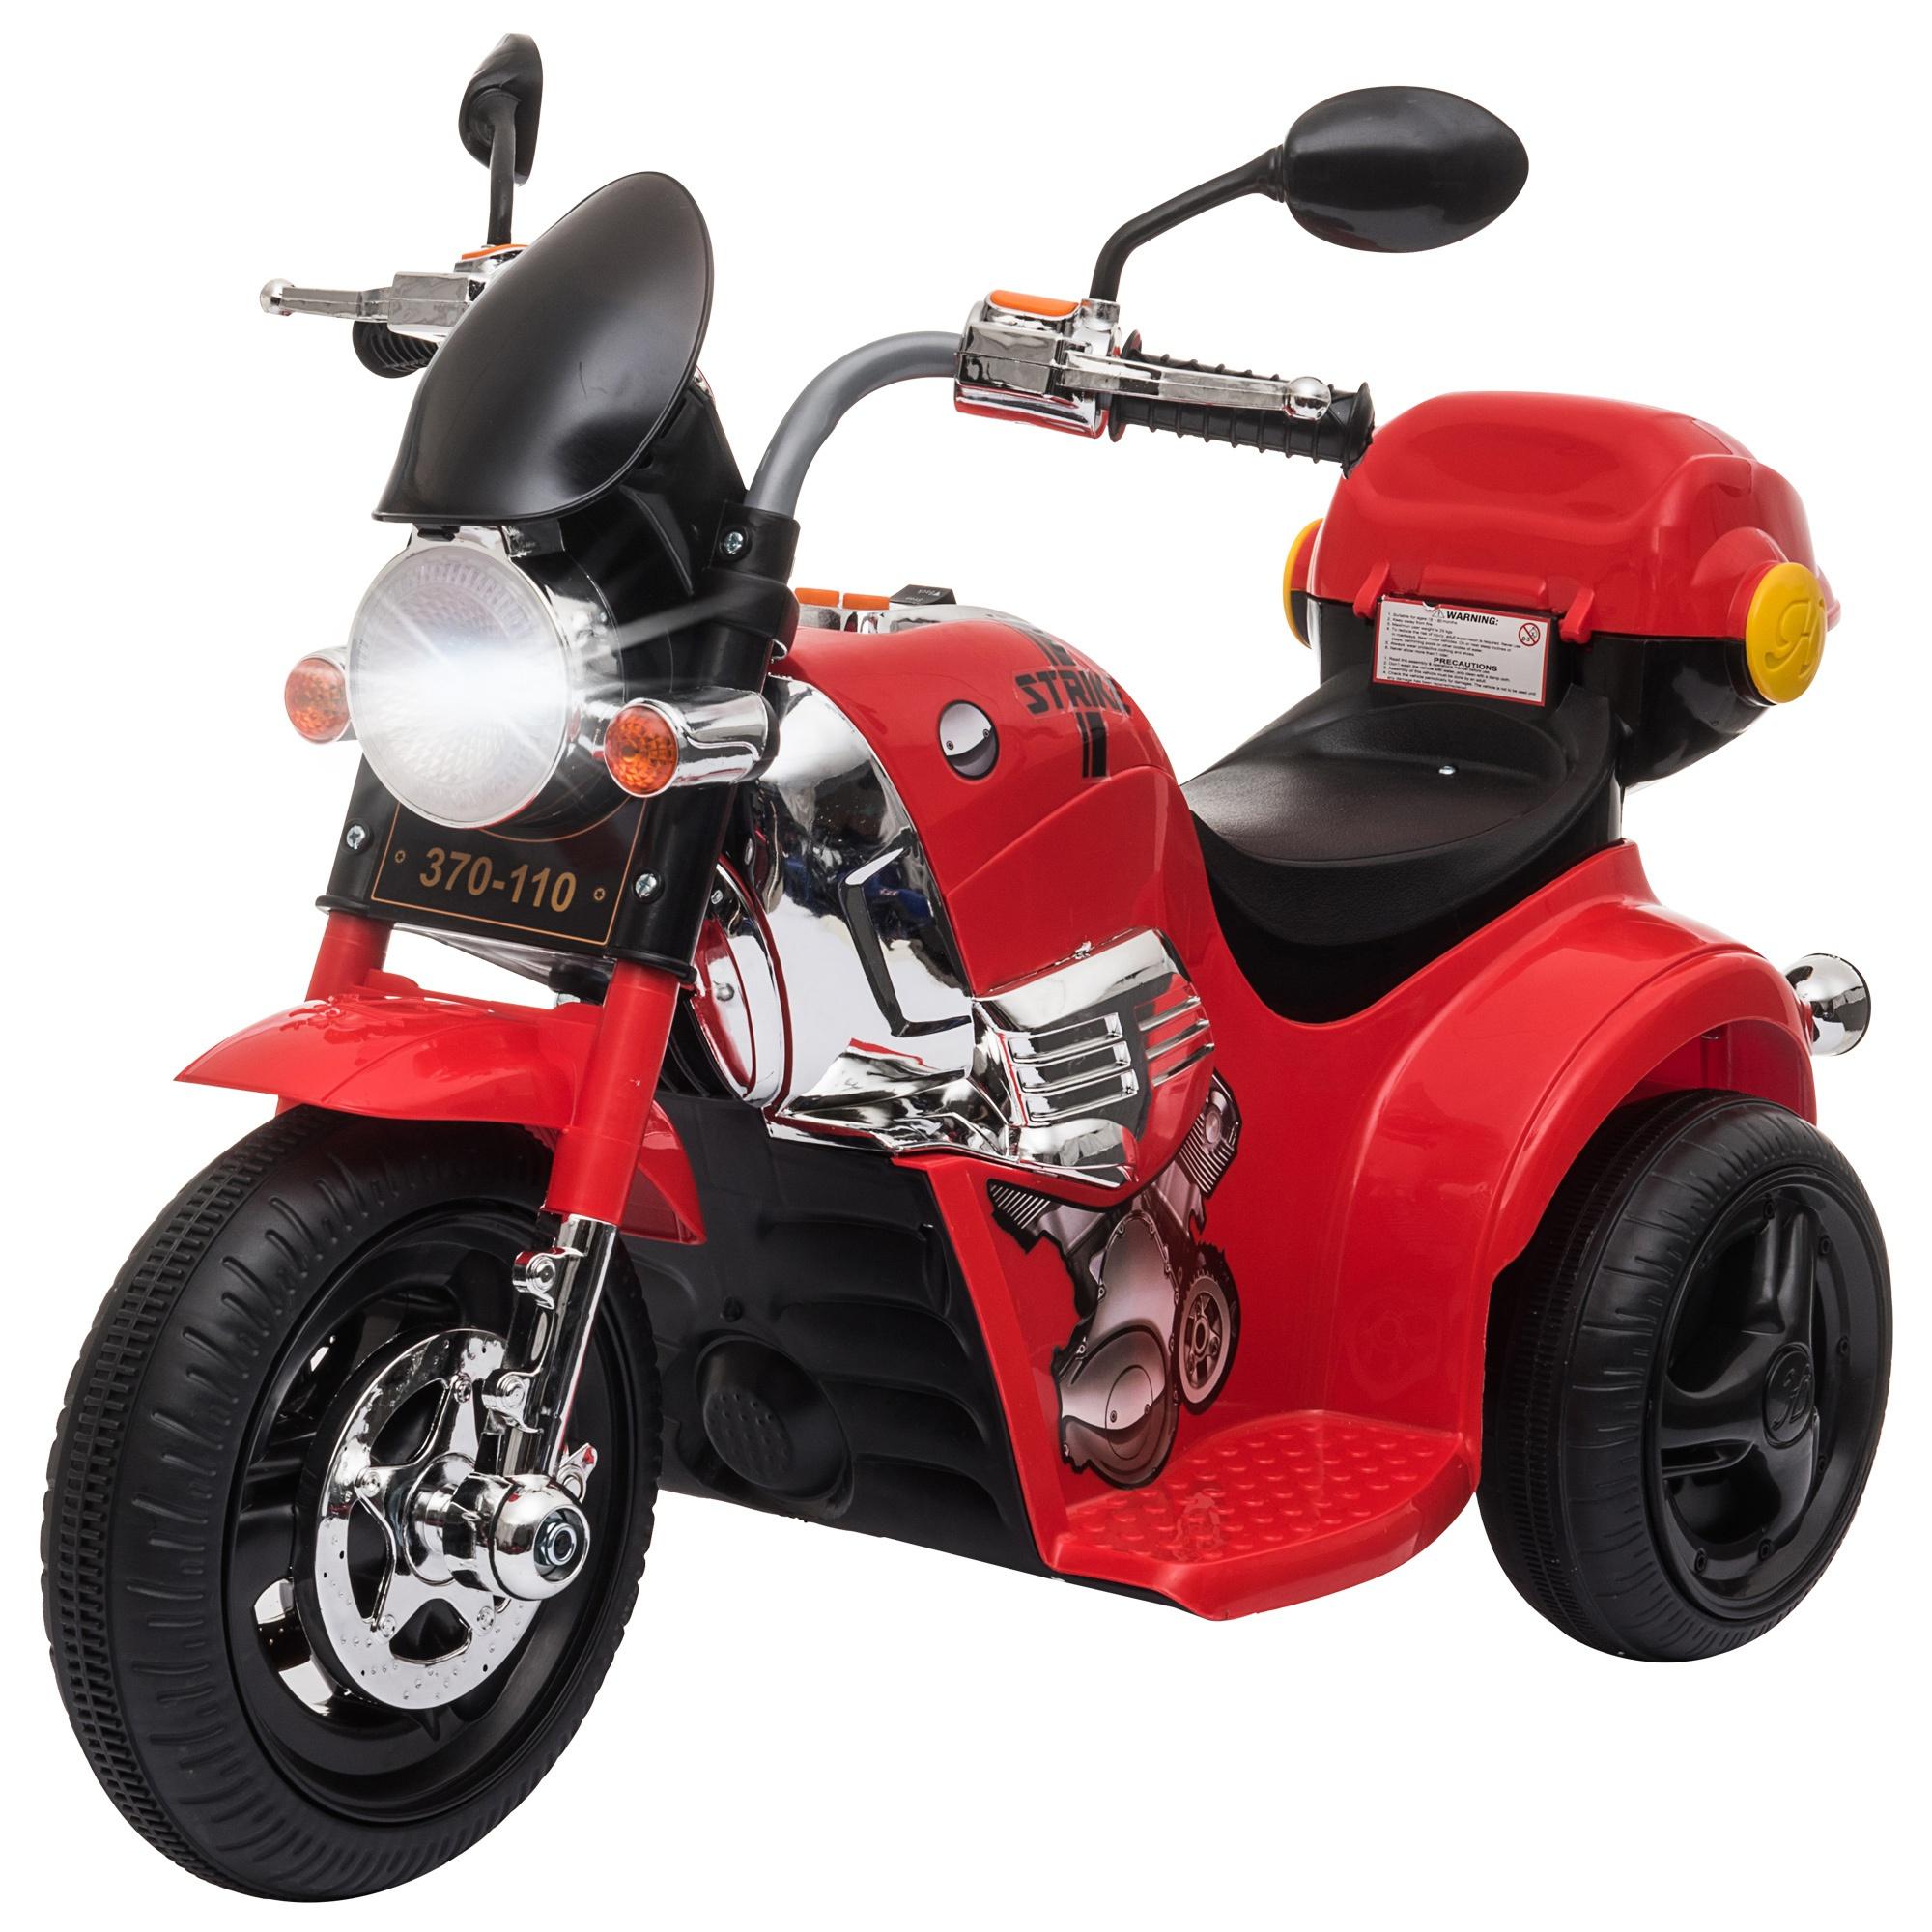 HOMCOM Moto Triciclo Eléctrico para Niños de +3 Años Moto Eléctrica Infantil con 3 Ruedas Batería 6V con Botón de Música 87x46x54 cm Rojo Aosom